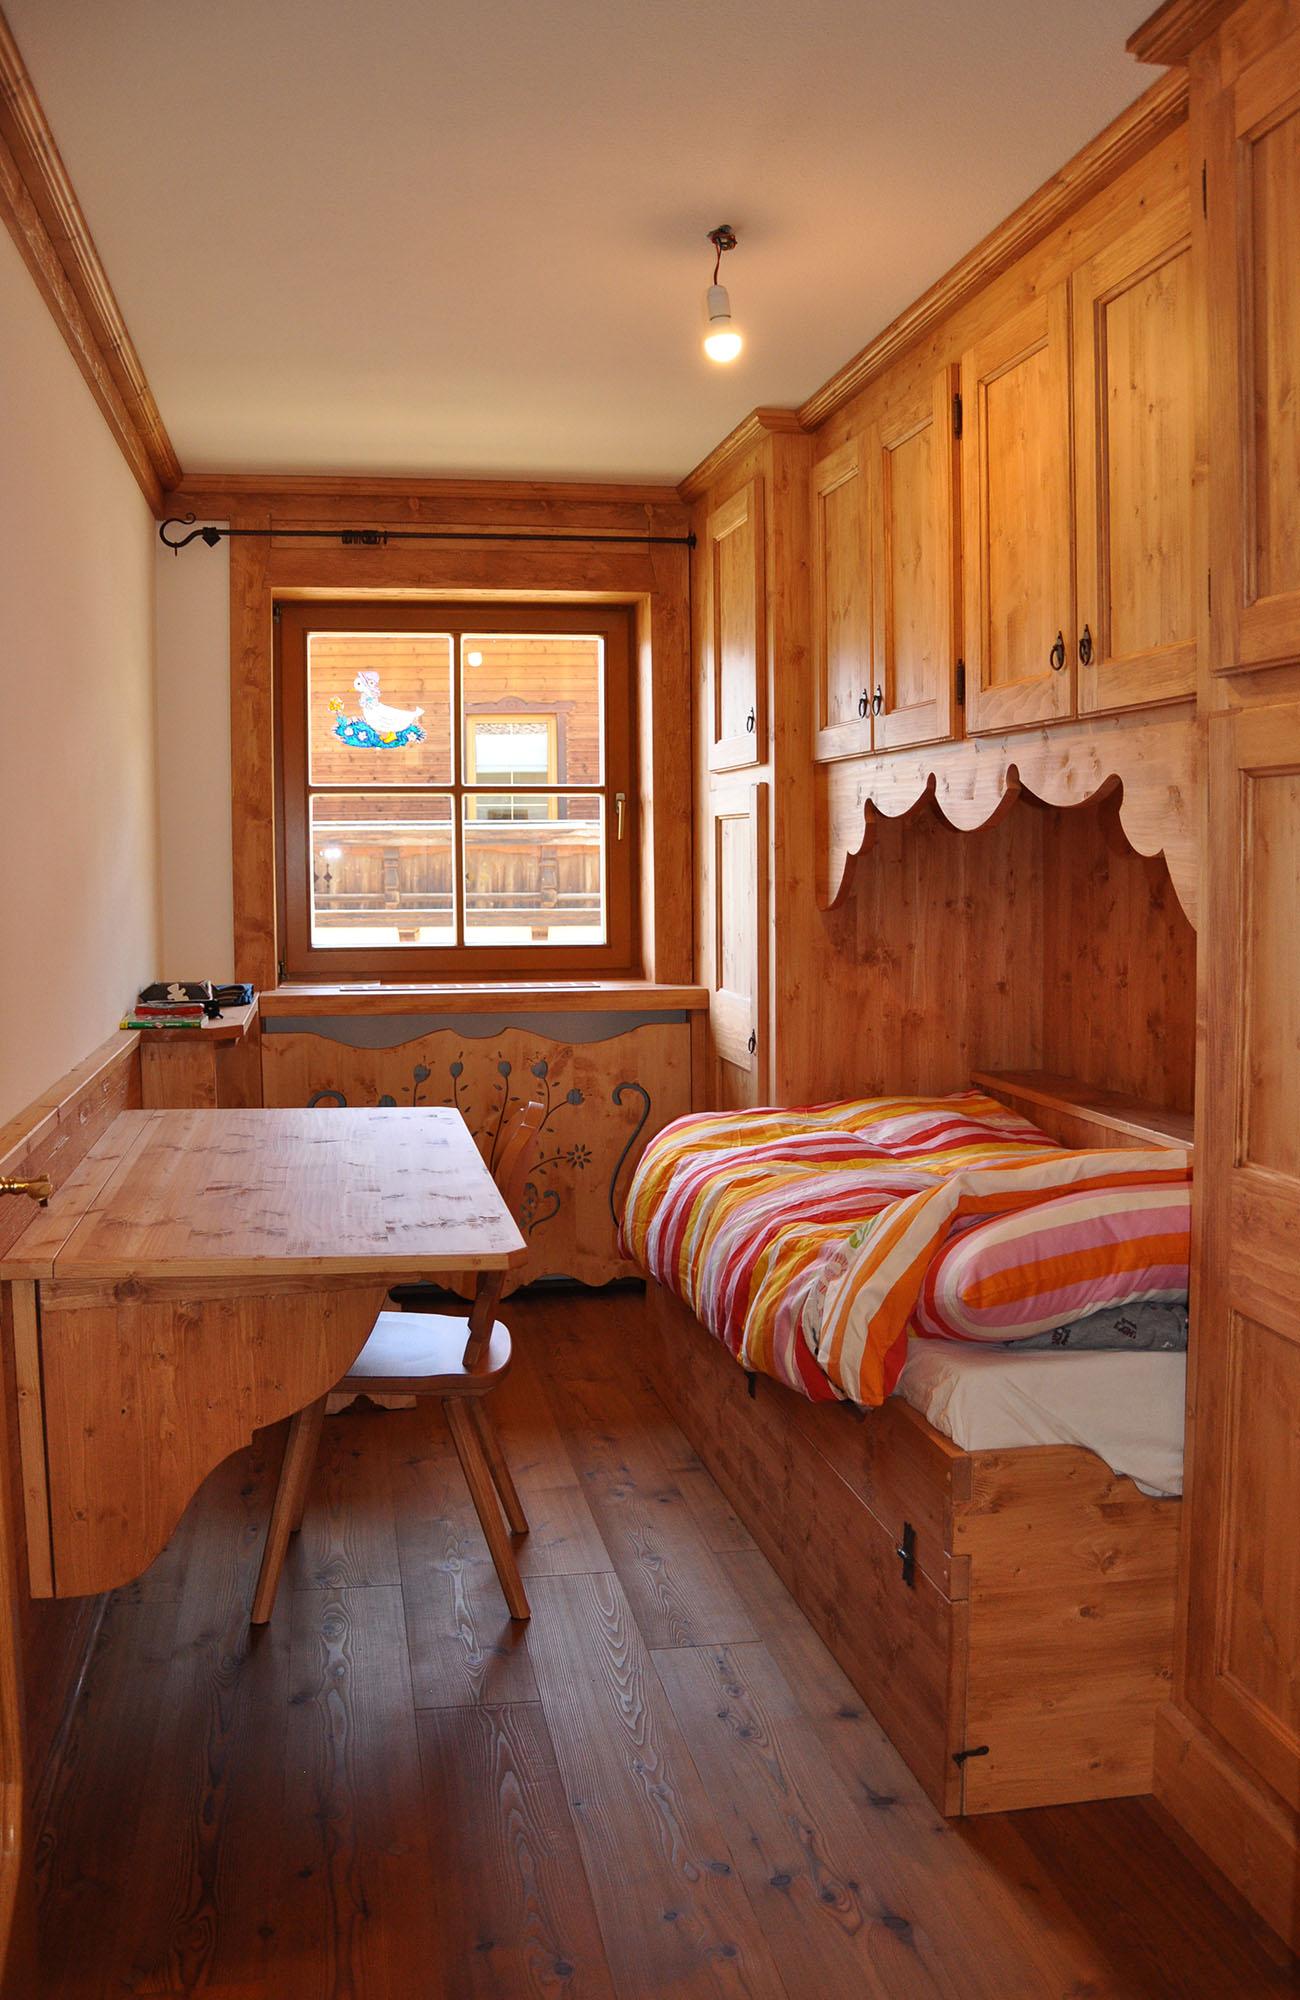 Camere da letto in legno e mobili in legno per la zona notte